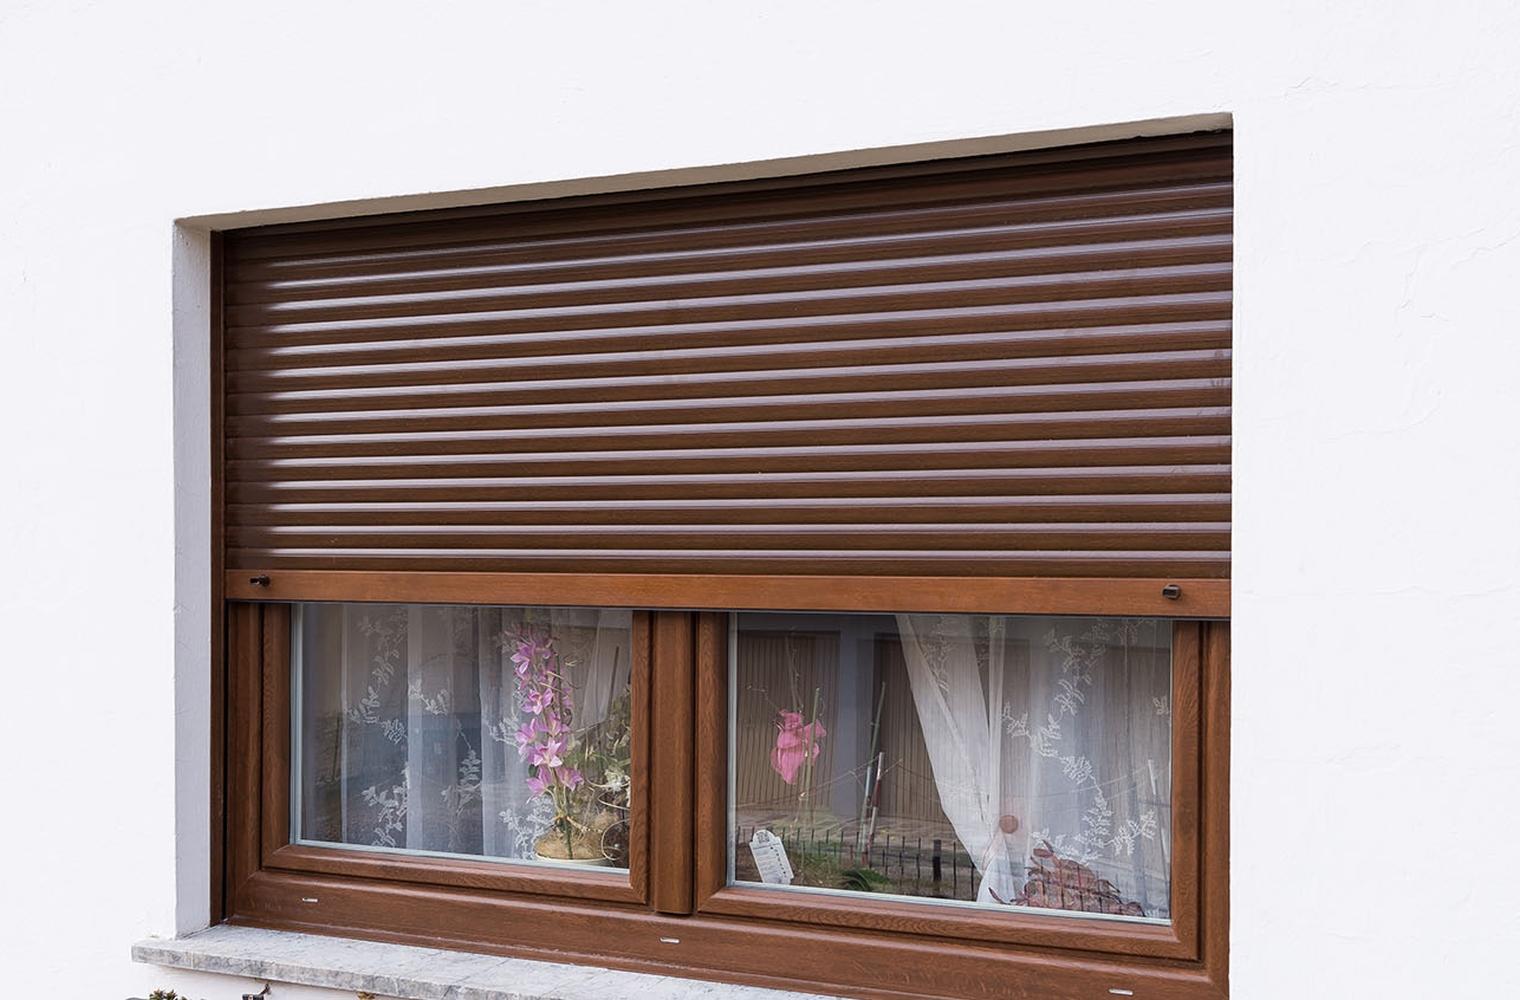 Full Size of Fenster Rolladen Schüko Reinigen Folien Für Velux Preise Gebrauchte Kaufen Einbruchschutz Alu Jalousie Mit Sonnenschutz Fenster Fenster Rolladen